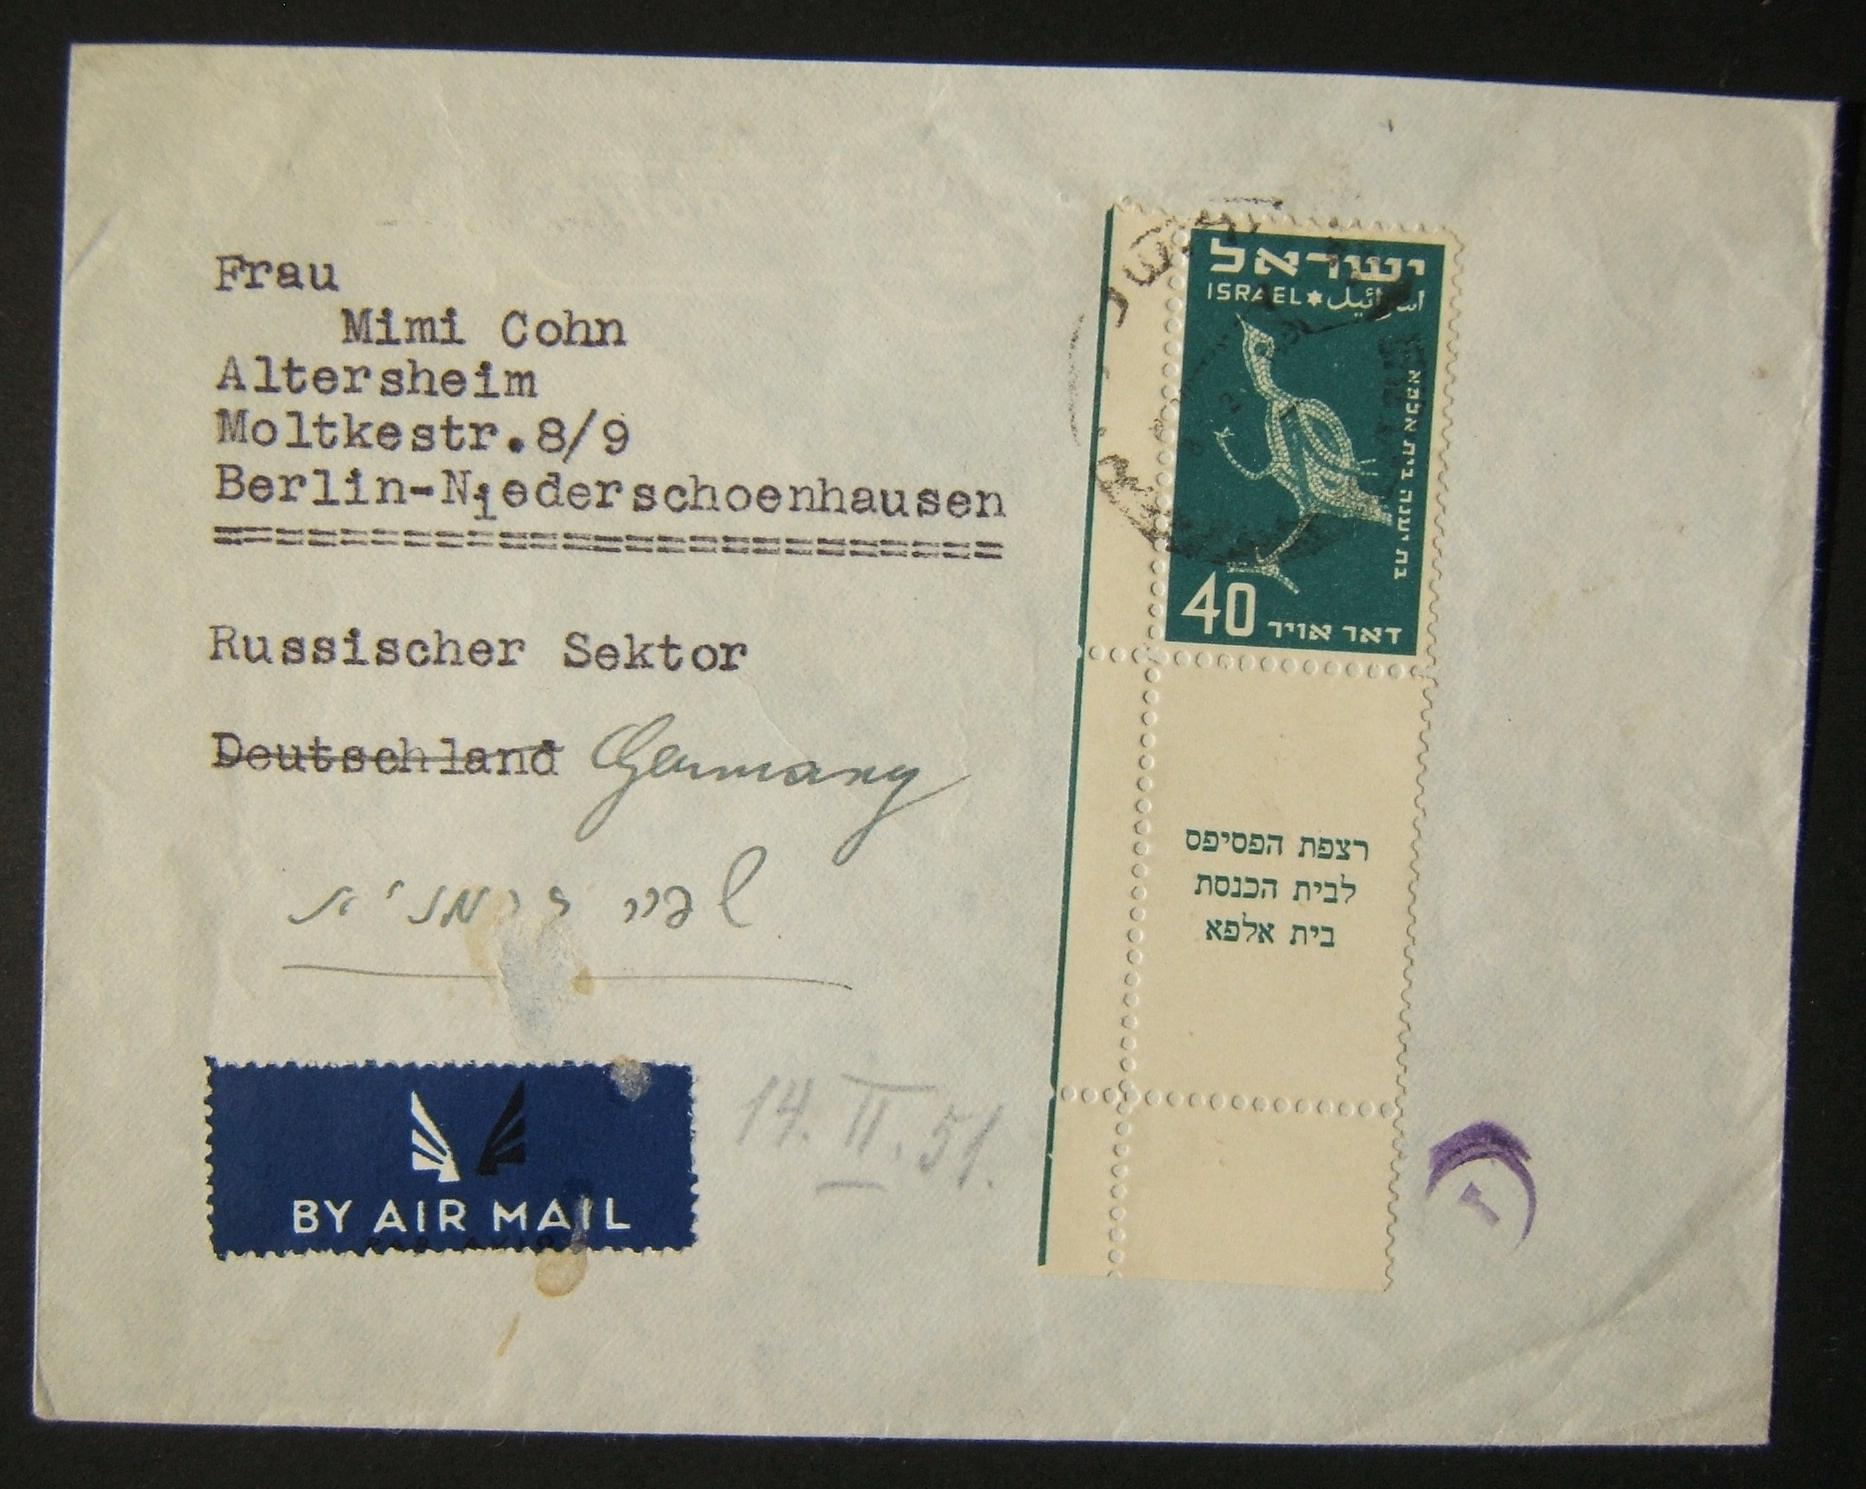 1951 إرسال بريد إلكتروني خاضع للرقابة إلى EAST BERLIN مستخدمًا ختم بريد 40Pr 1st Airmails كامل